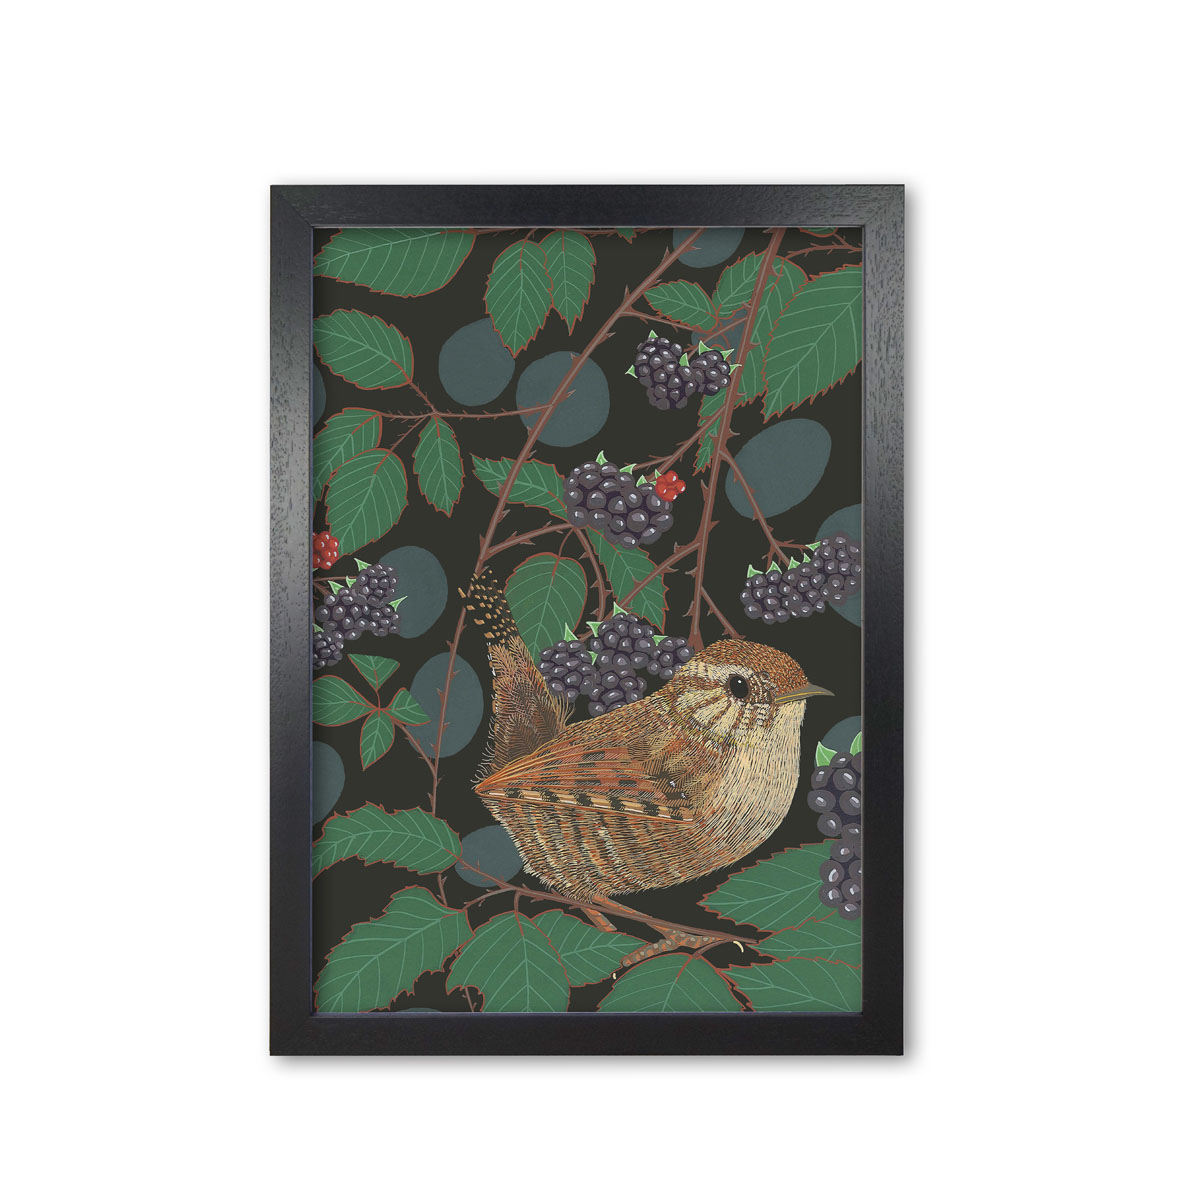 Wren Garden Bird Mounted And Framed Print